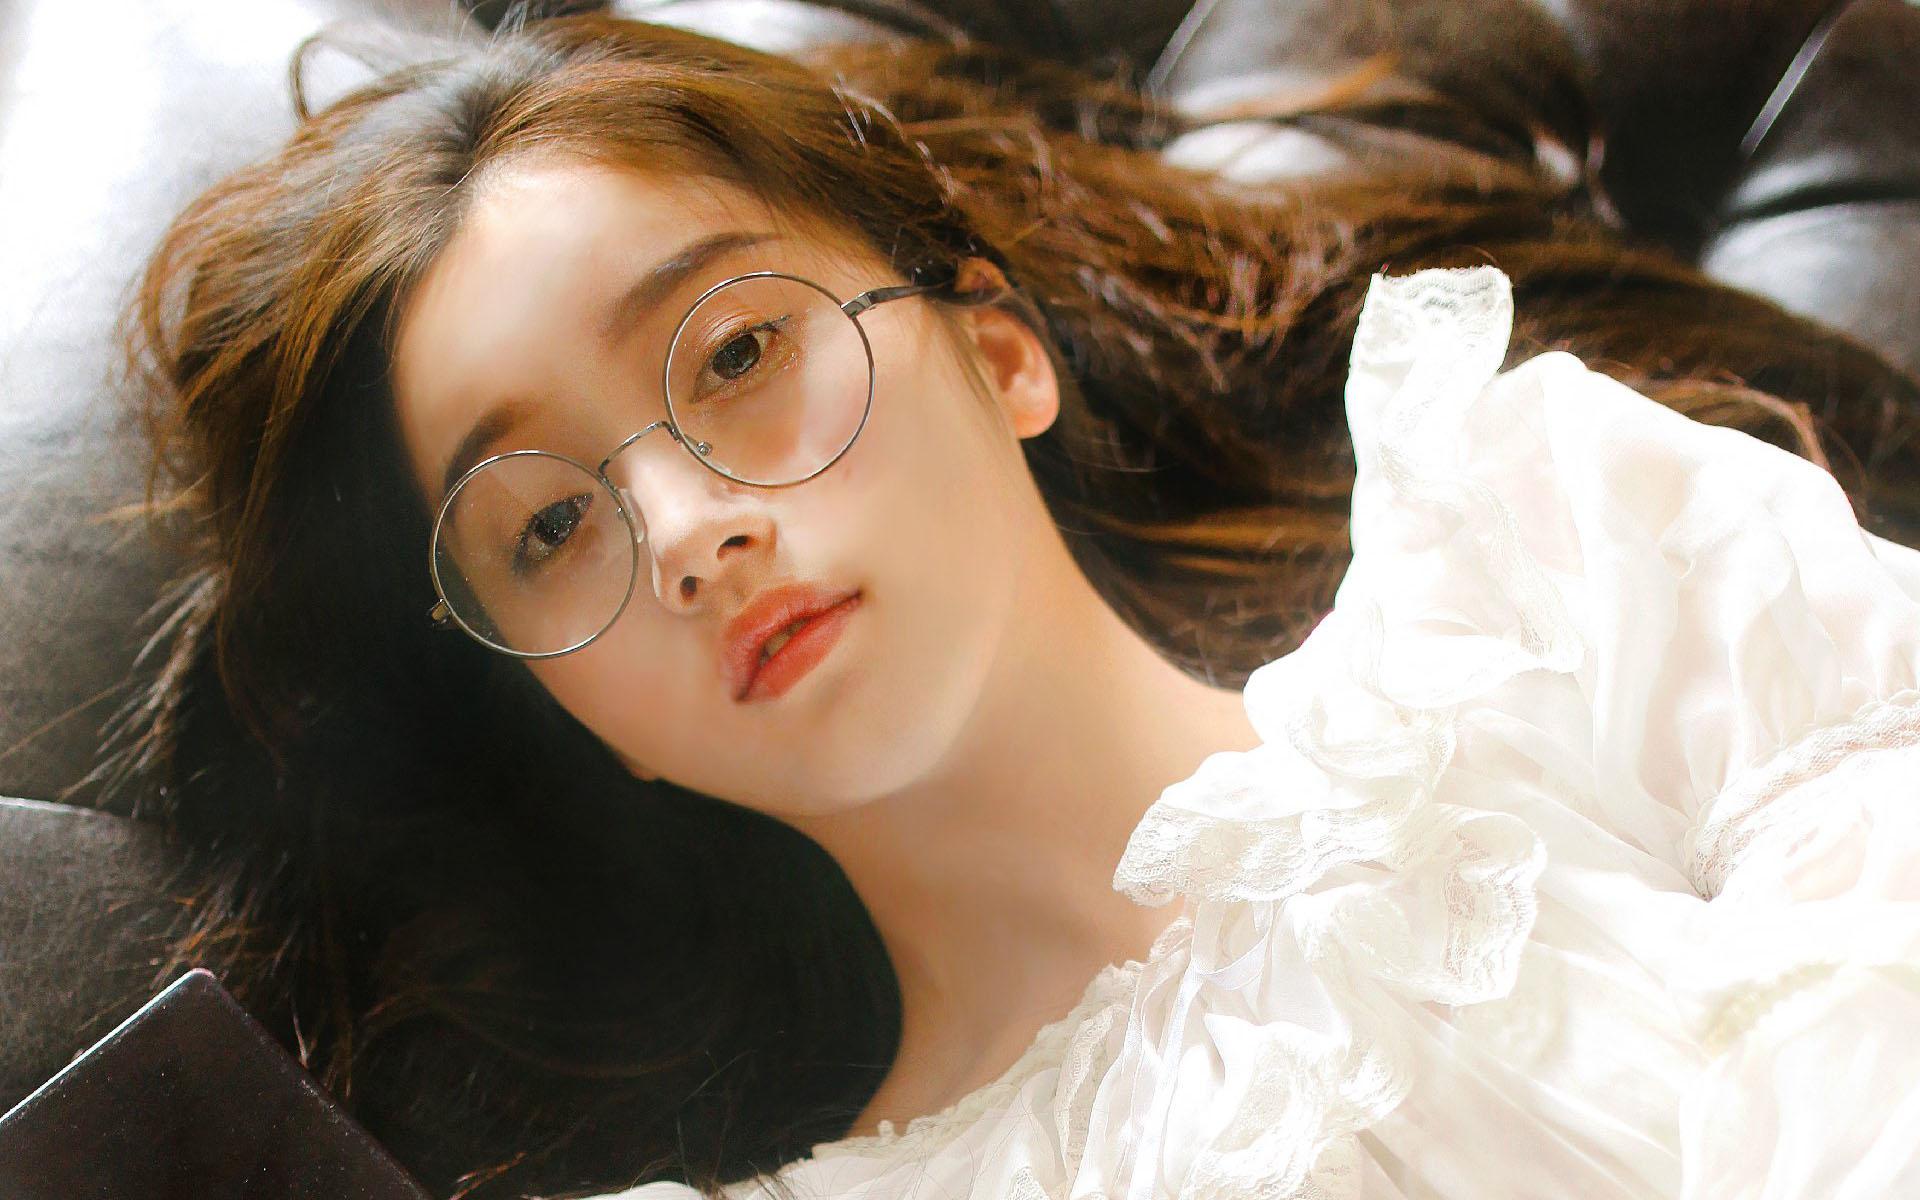 微风飞过蔷薇小说全文免费在线阅读 小说《微风飞过蔷薇》阅读全文免费